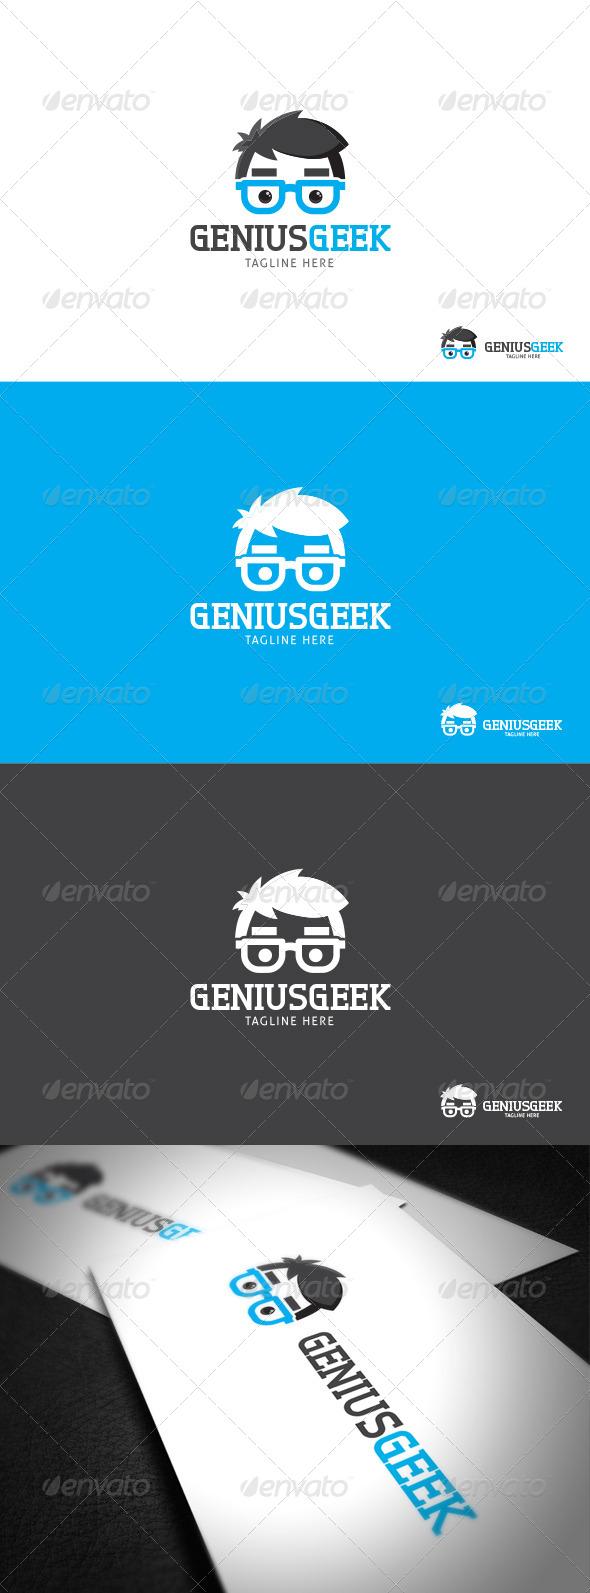 Genius Geek logo Template